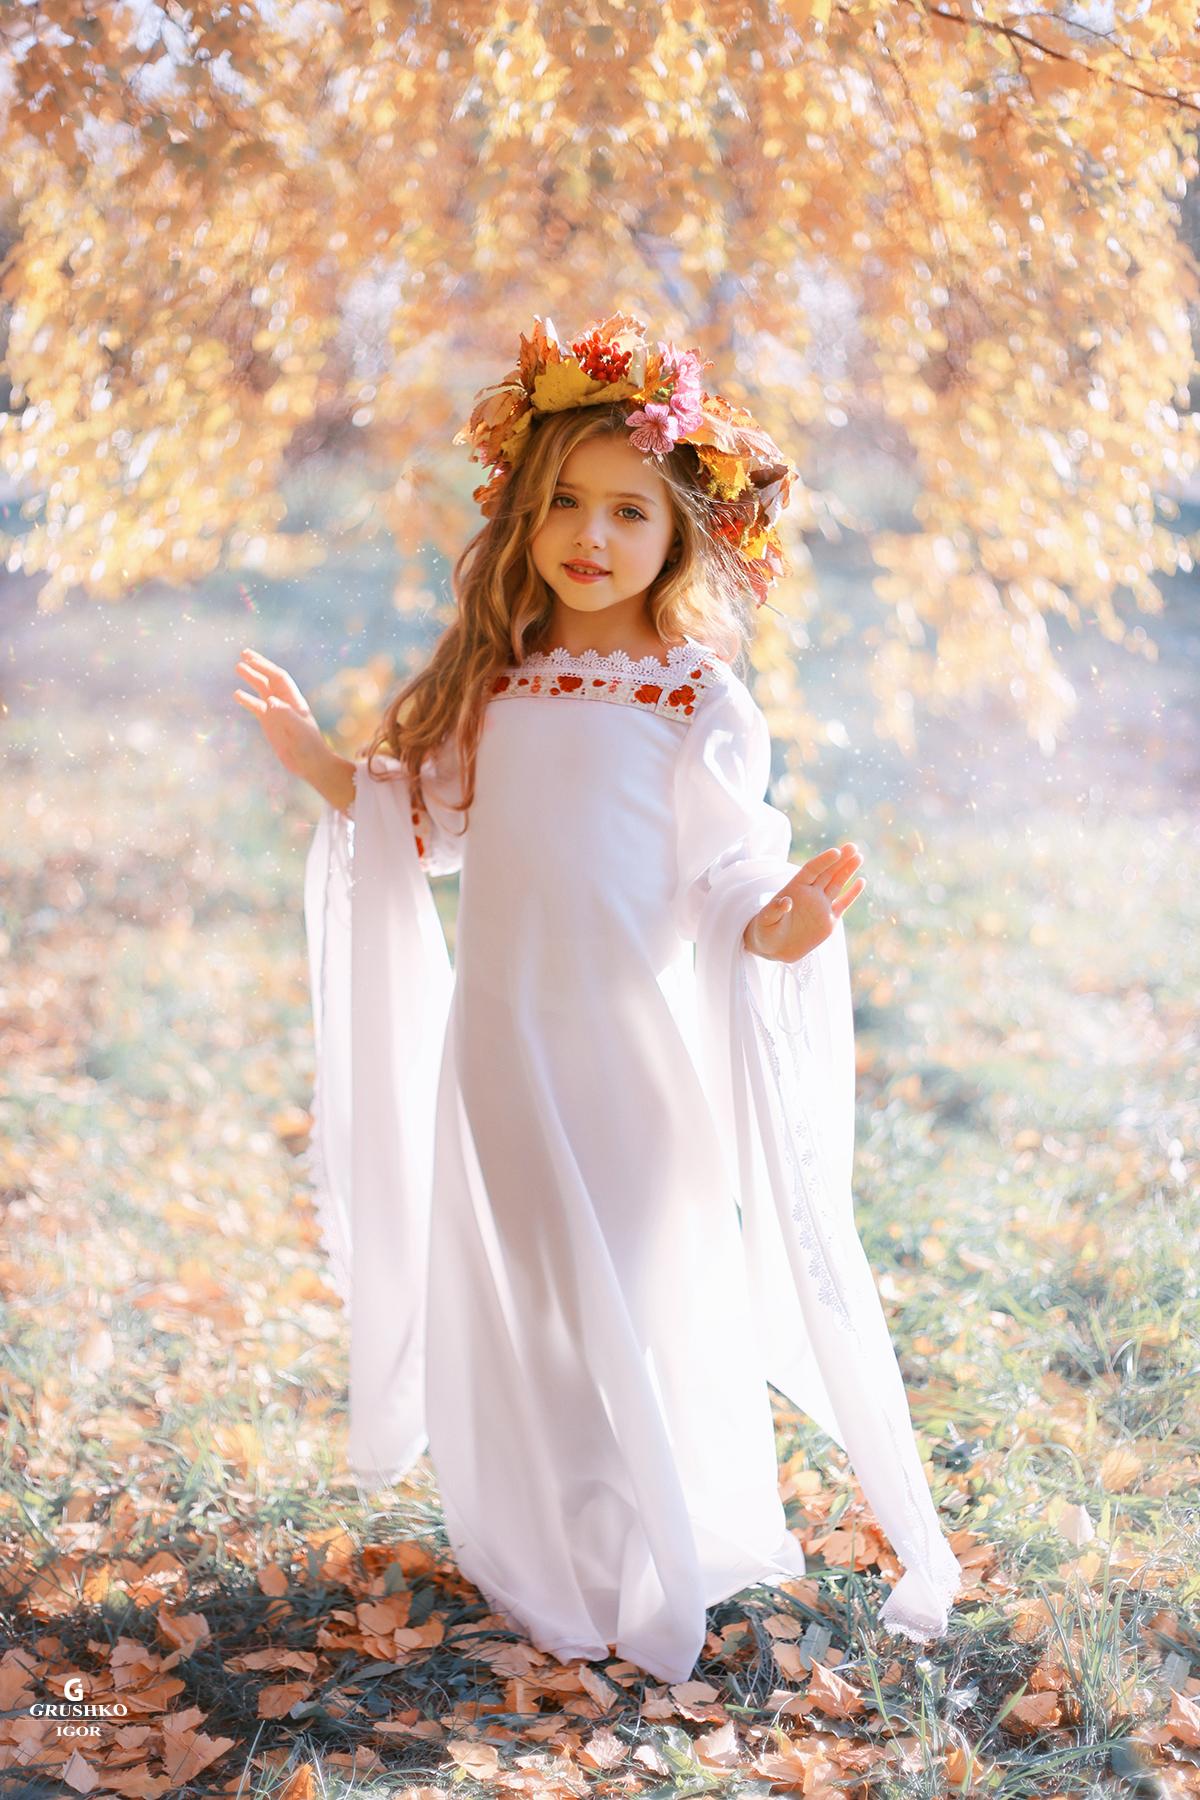 Фото Девочка в белом длинном платье с венком из цветов и листьев на голове, стоит на траве с осенними листьями, by Vayne17